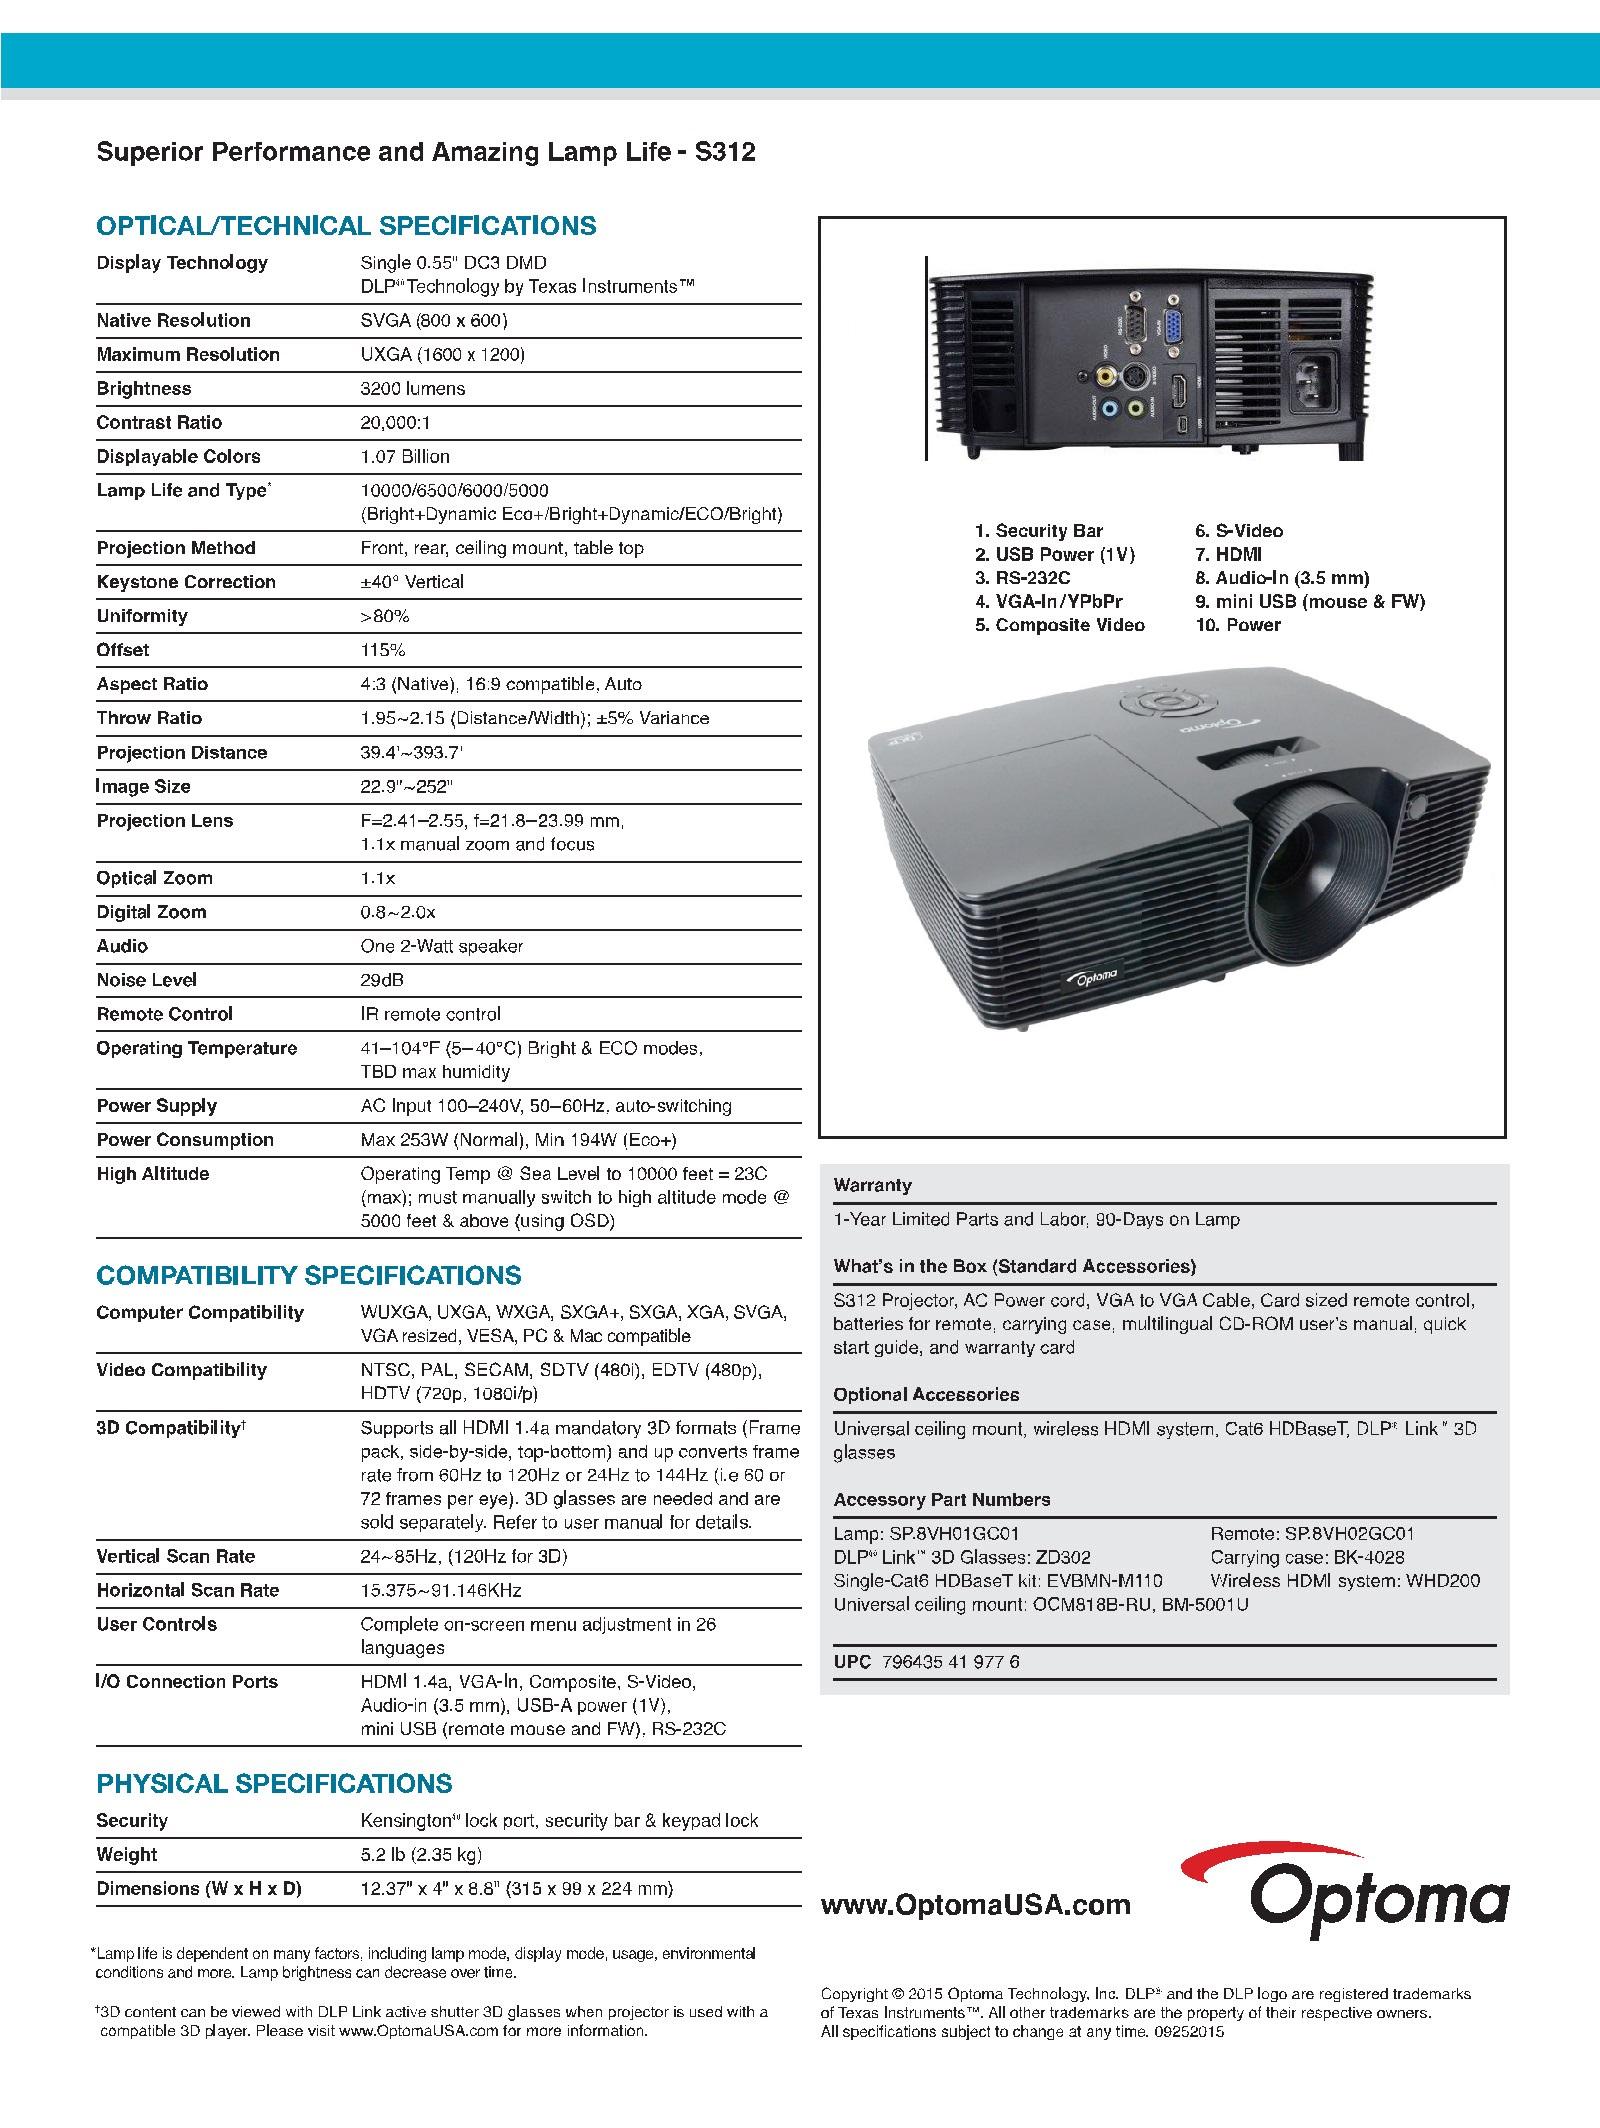 دیتا پروژکتور Optoma S312